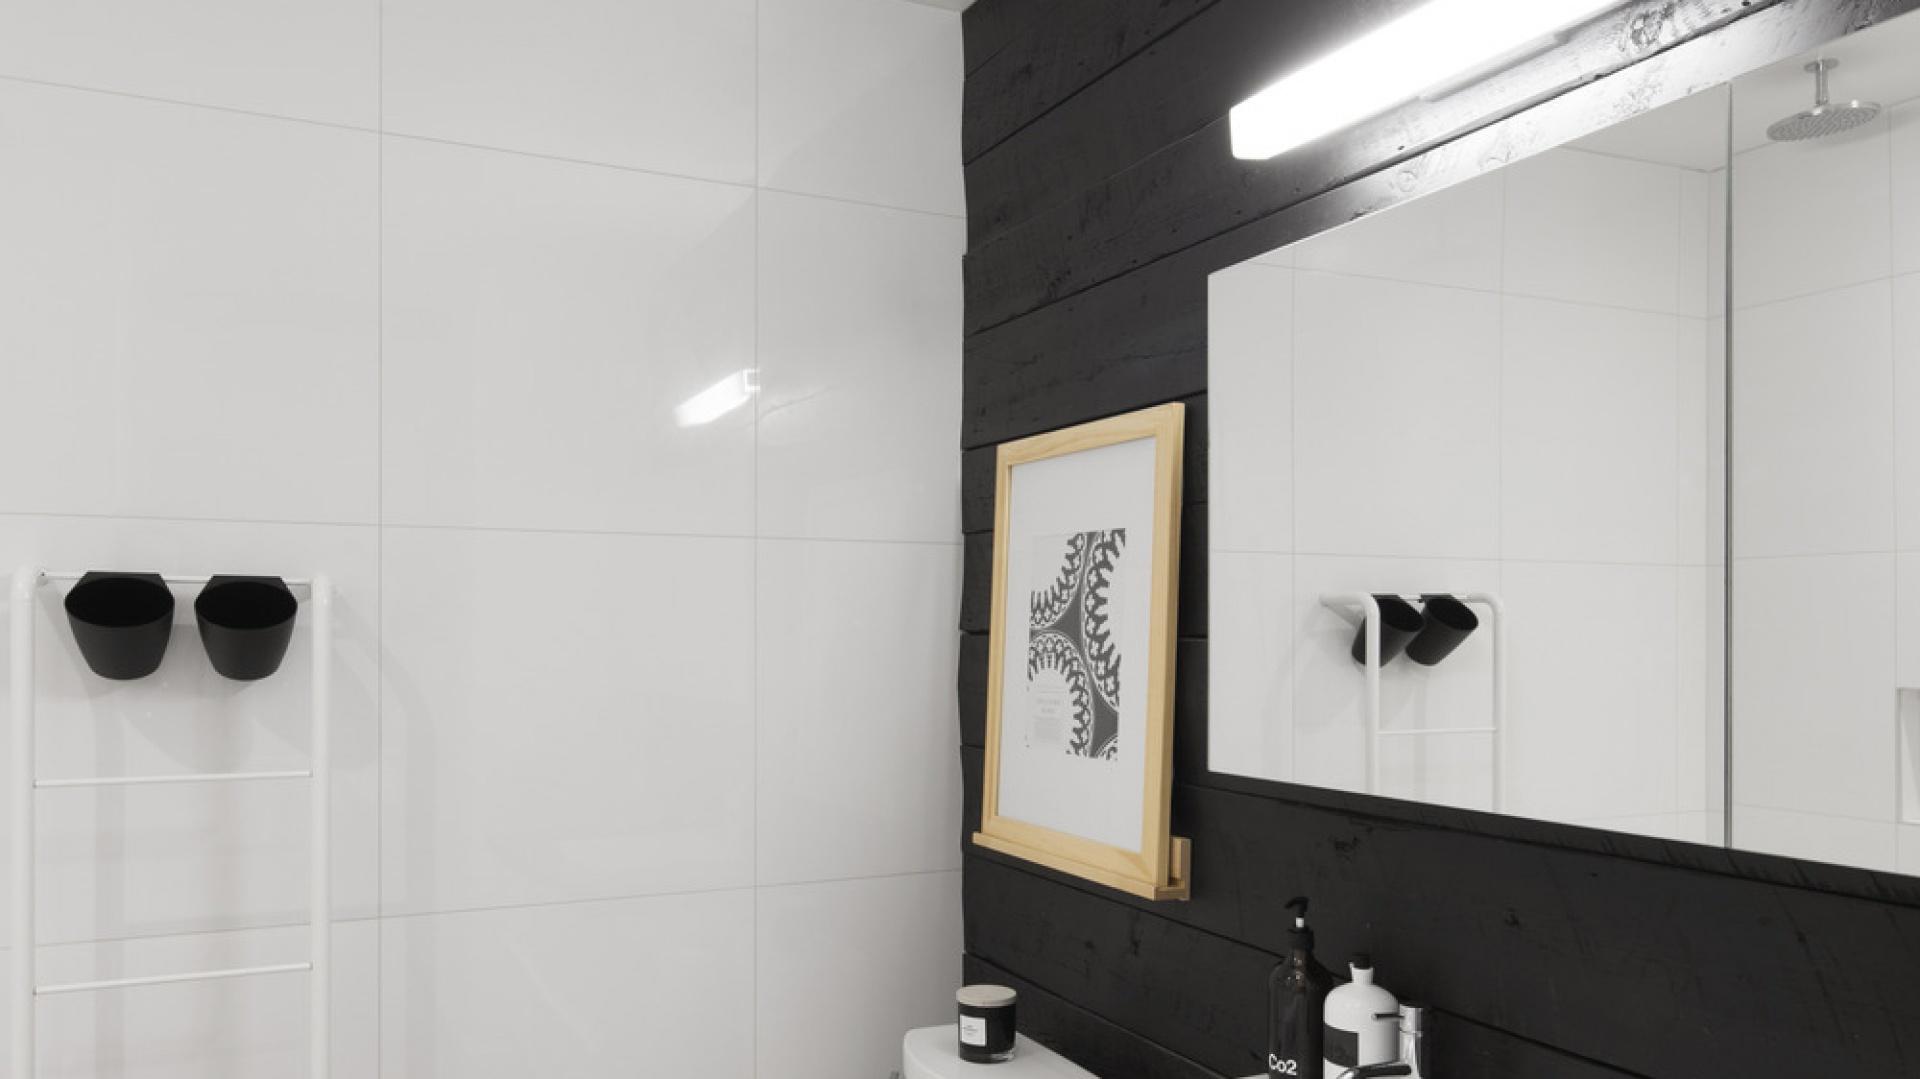 Belki znalazły się również na ścianie oraz blacie w łazience. Ich surowa faktura harmonizuje z lakierowanym betonem na posadzce. Projekt: Bourgeois / Lechasseur Architects. Fot. Adrien Williams.